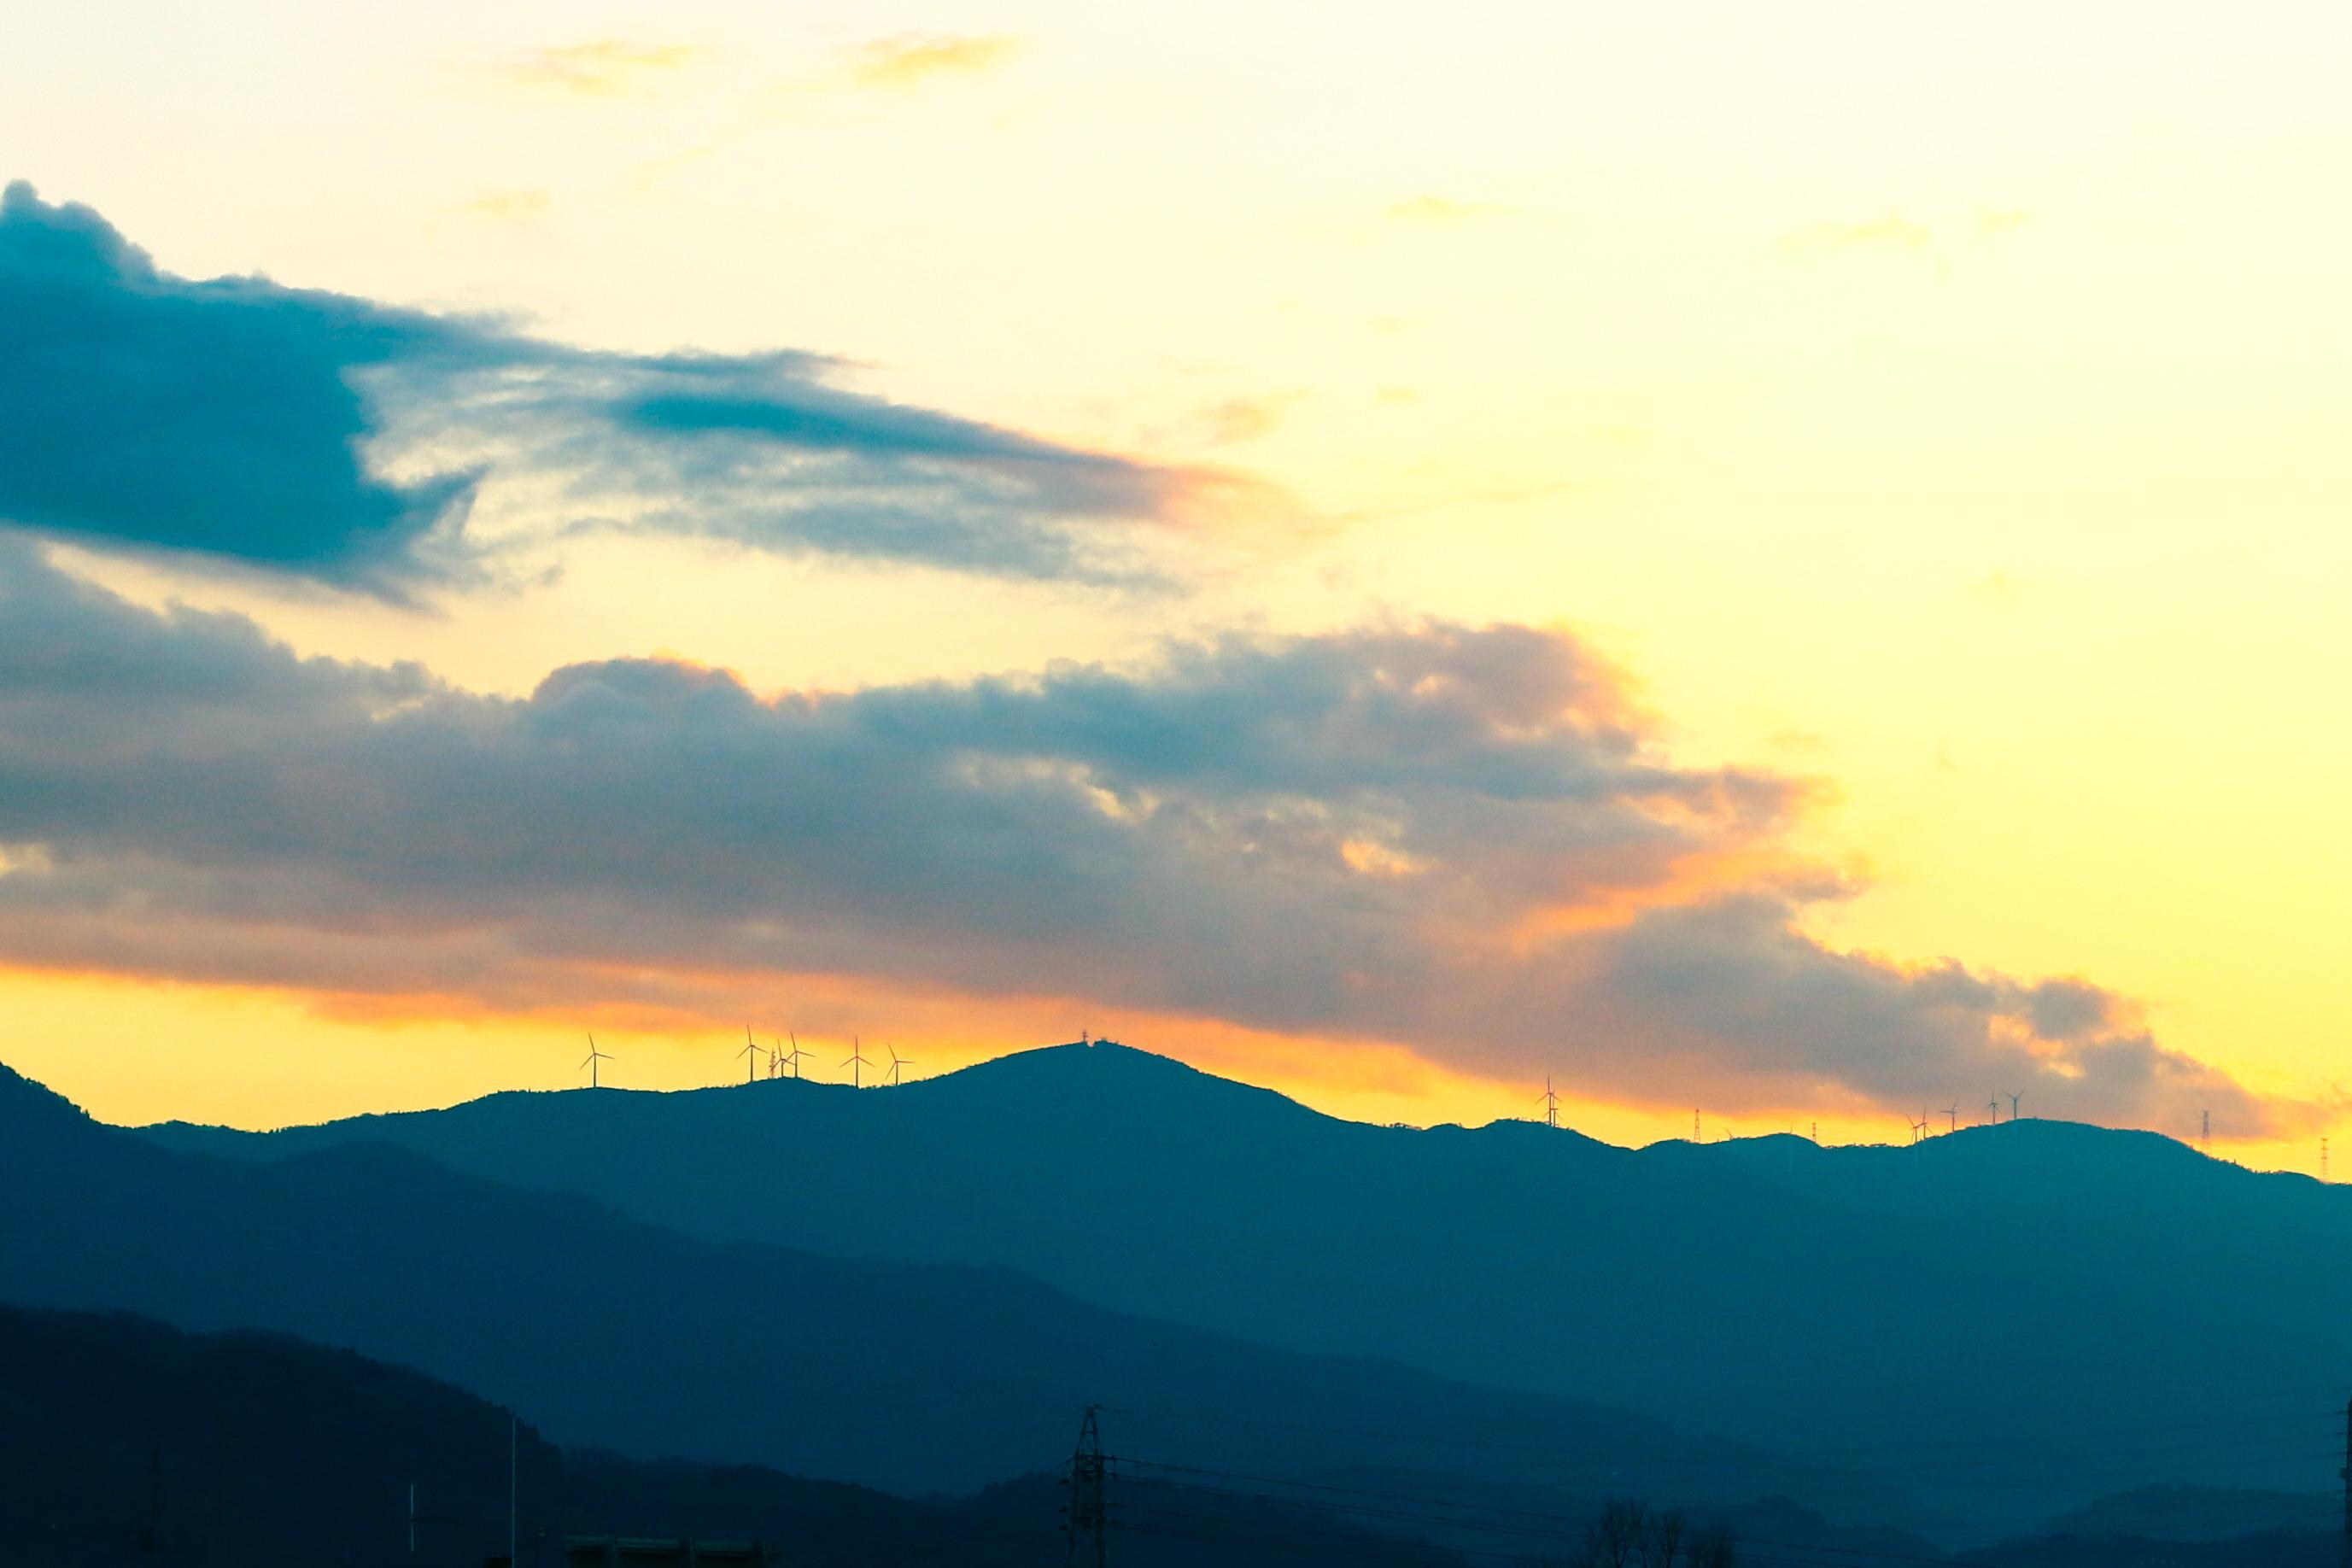 夕日の色と風車の写真